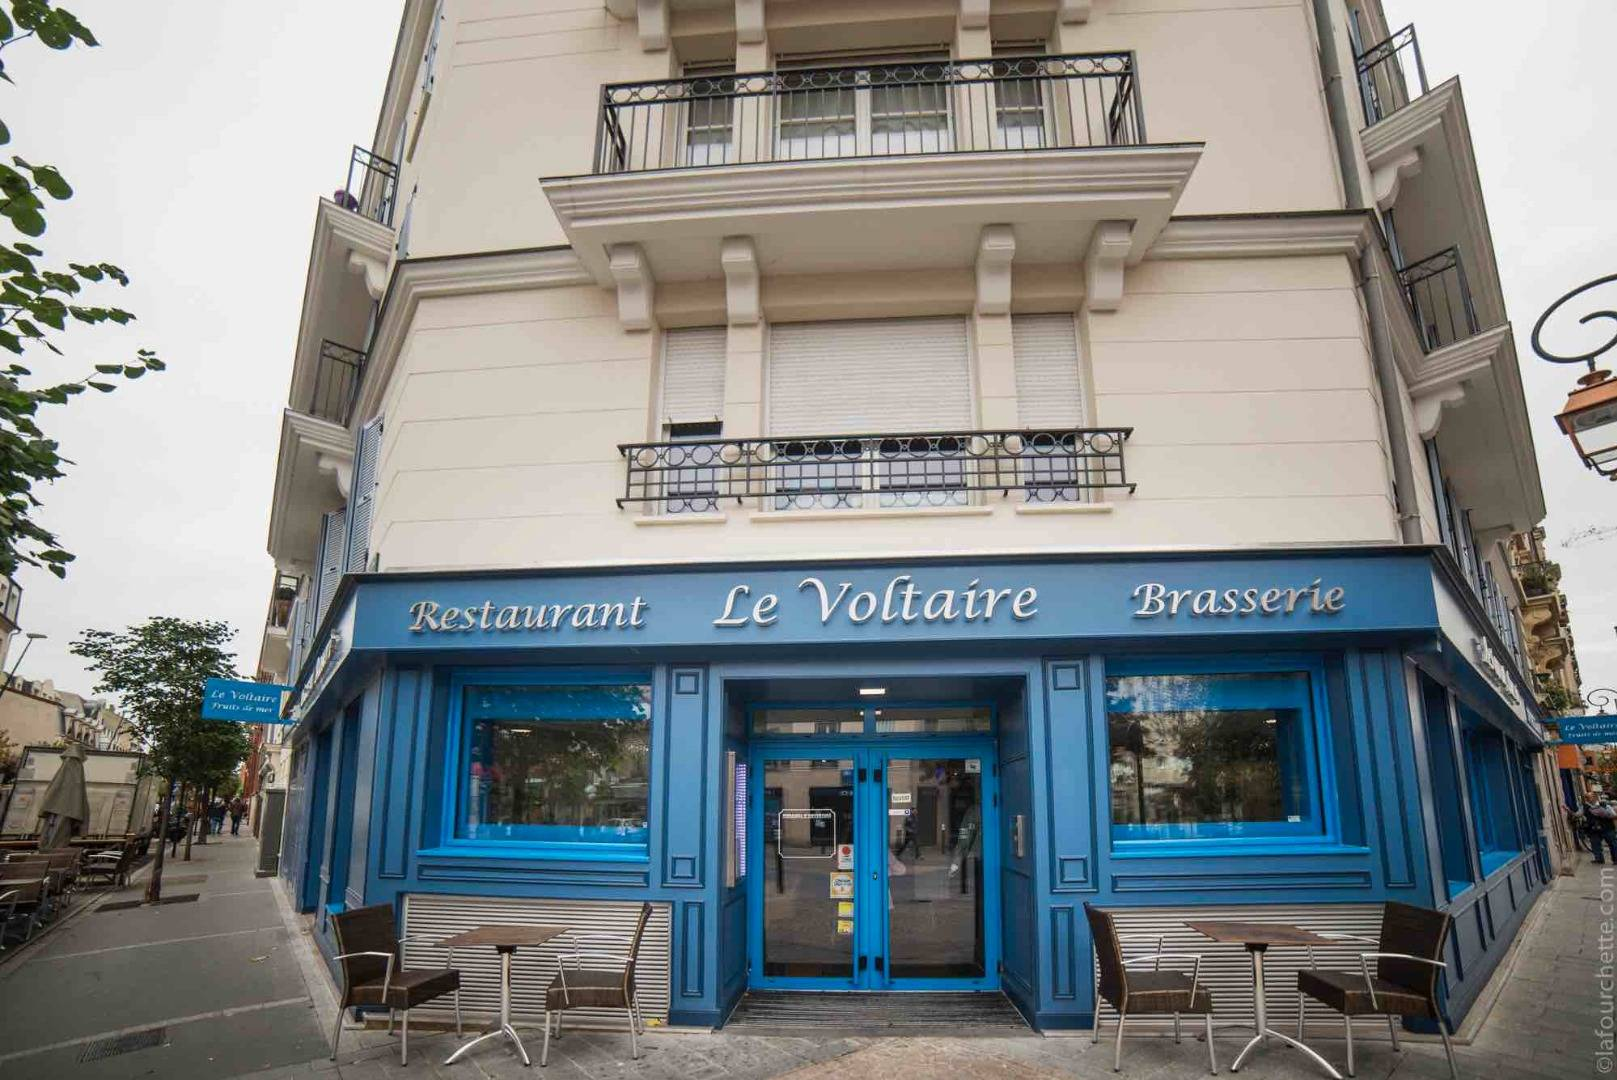 Le Voltaire